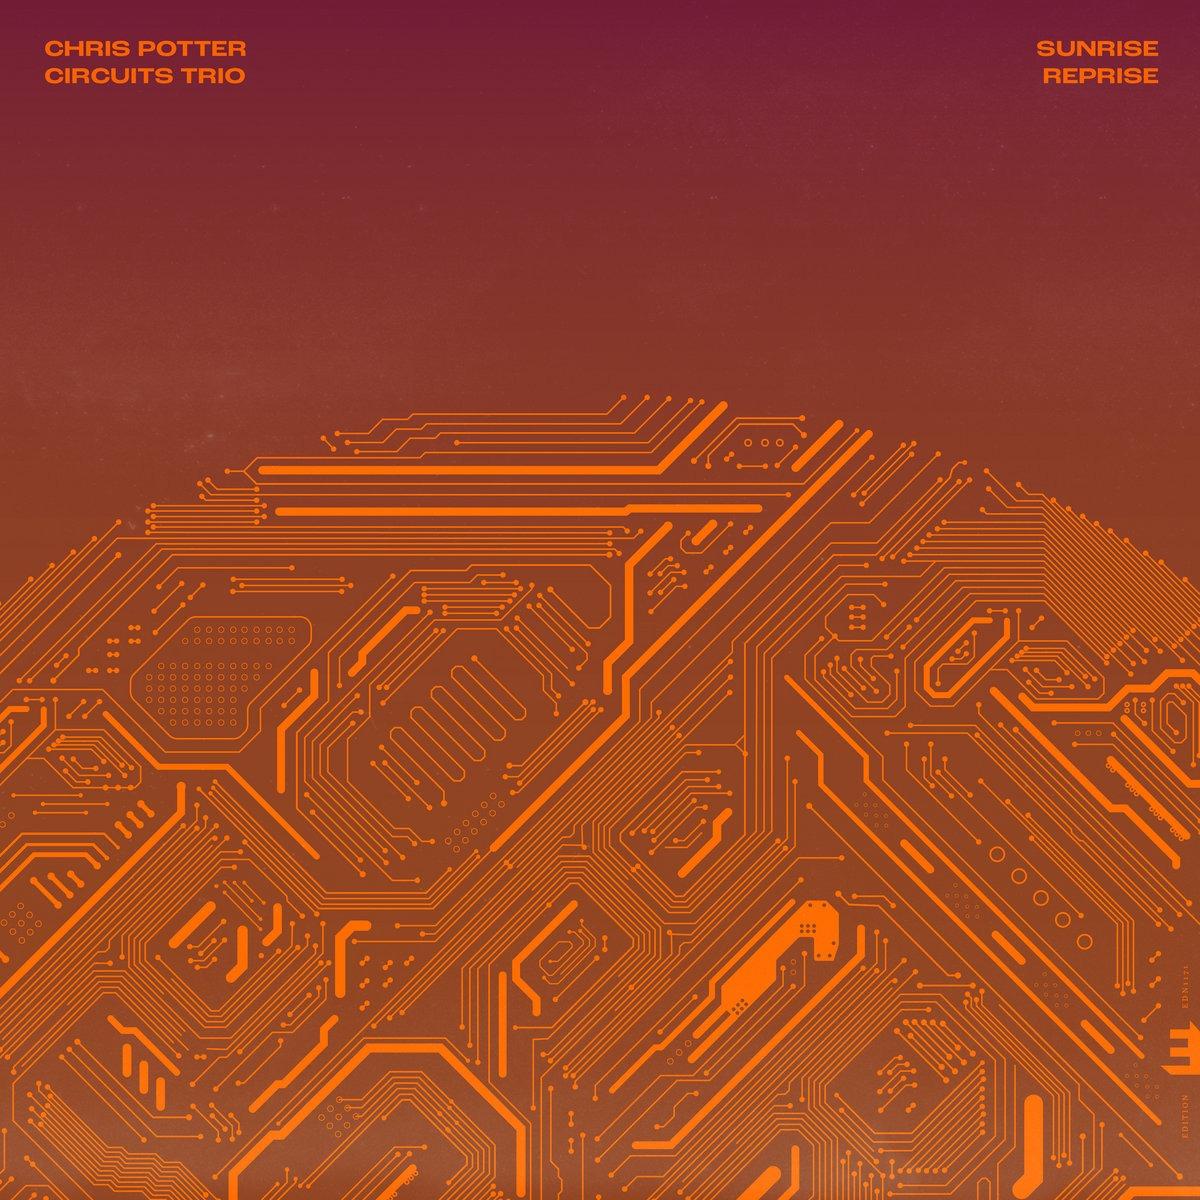 Chris Potter Circuits Trio: Sunrise Reprise